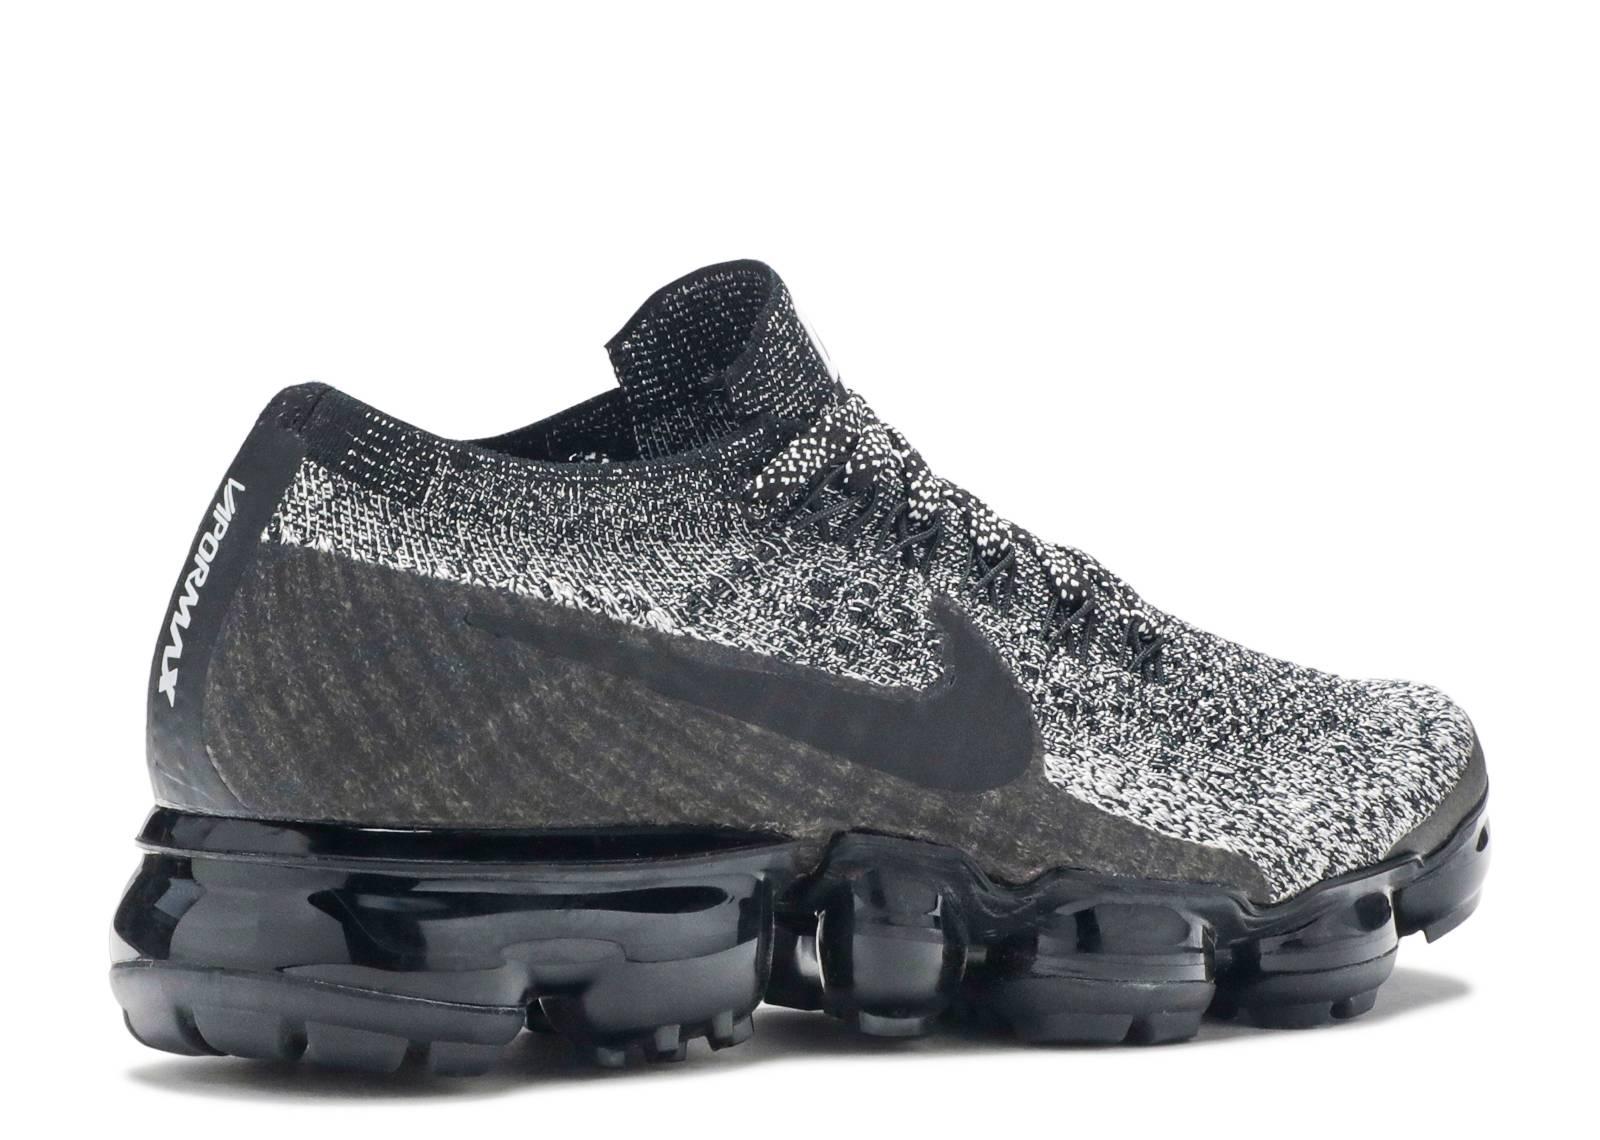 820e3f82e480 Wmns Nike Air Vapormax Flyknit - Nike - 849557 041 - black black-white-racer  blue